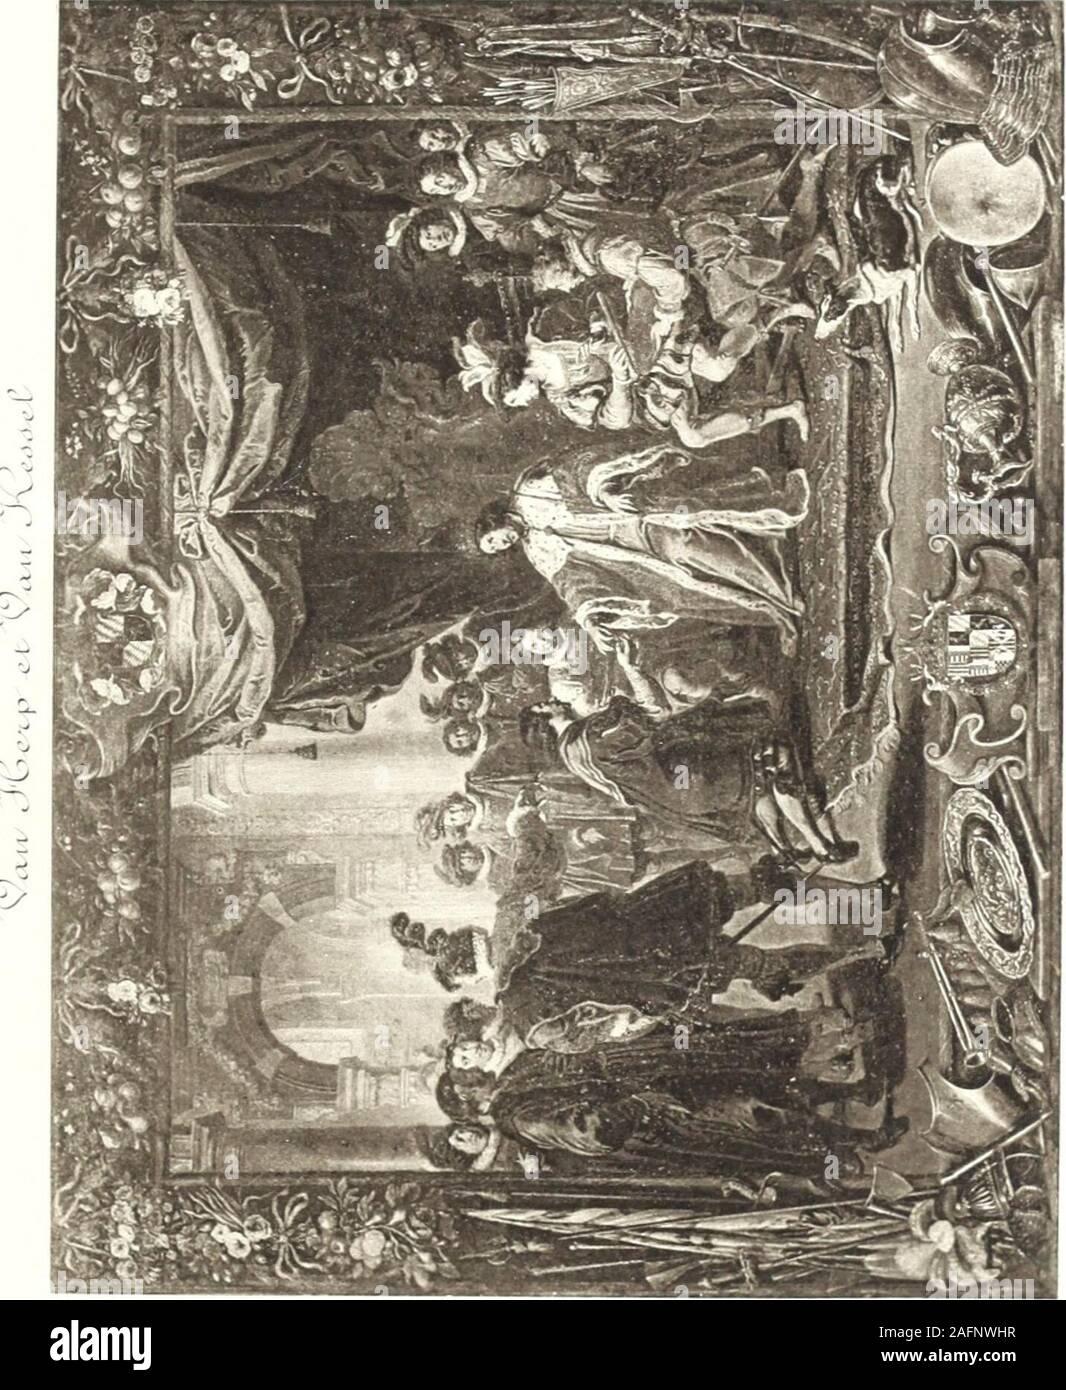 Catalogue De Tableaux Anciens Des Ecoles Espagnole Flamande Francaise Et Hollandaise Composant La Collection De M